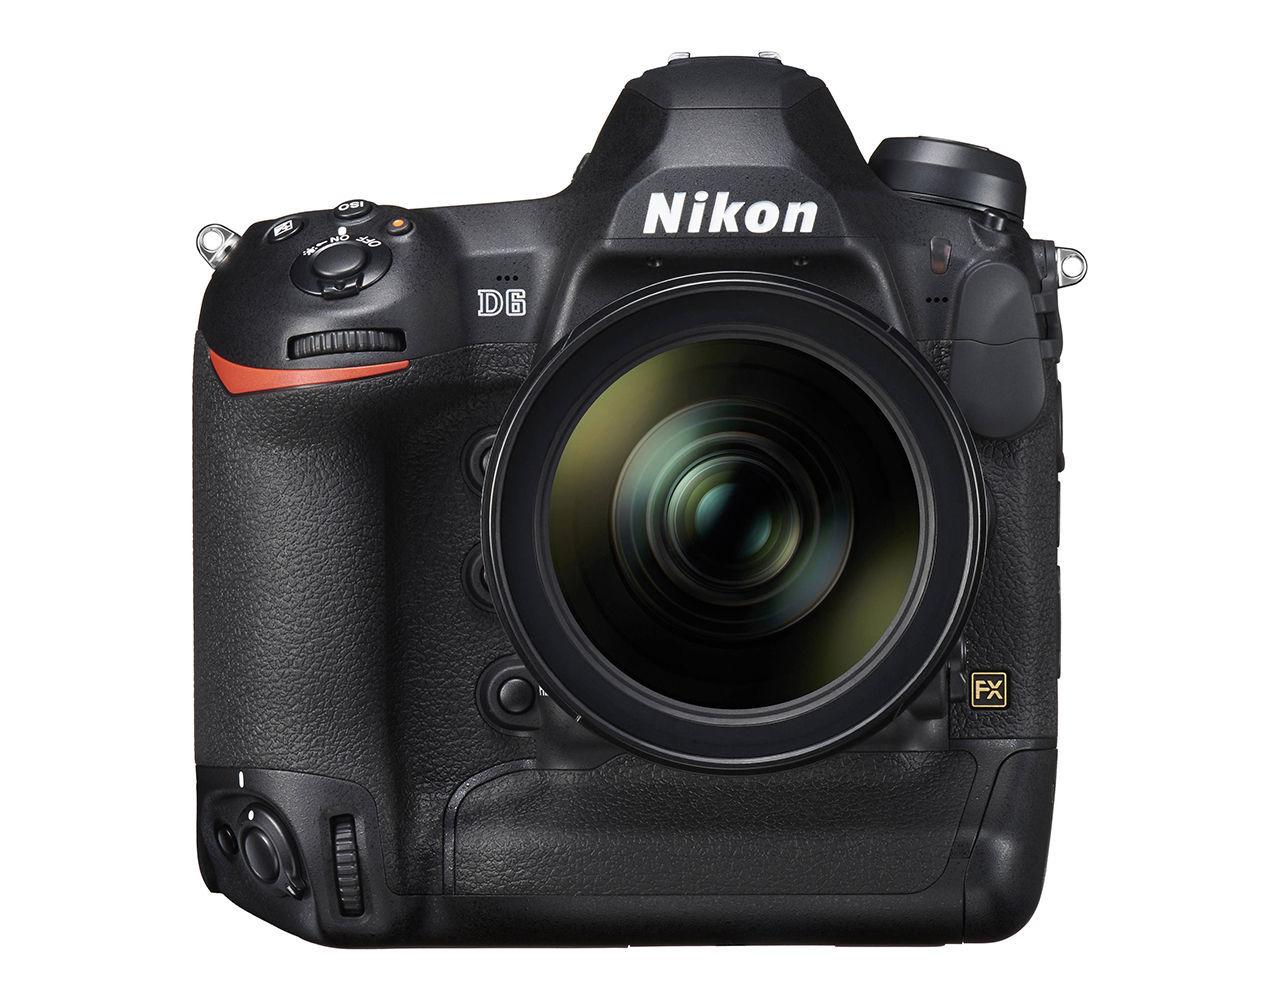 Nu går det att använda Nikons kameror som webbkameror